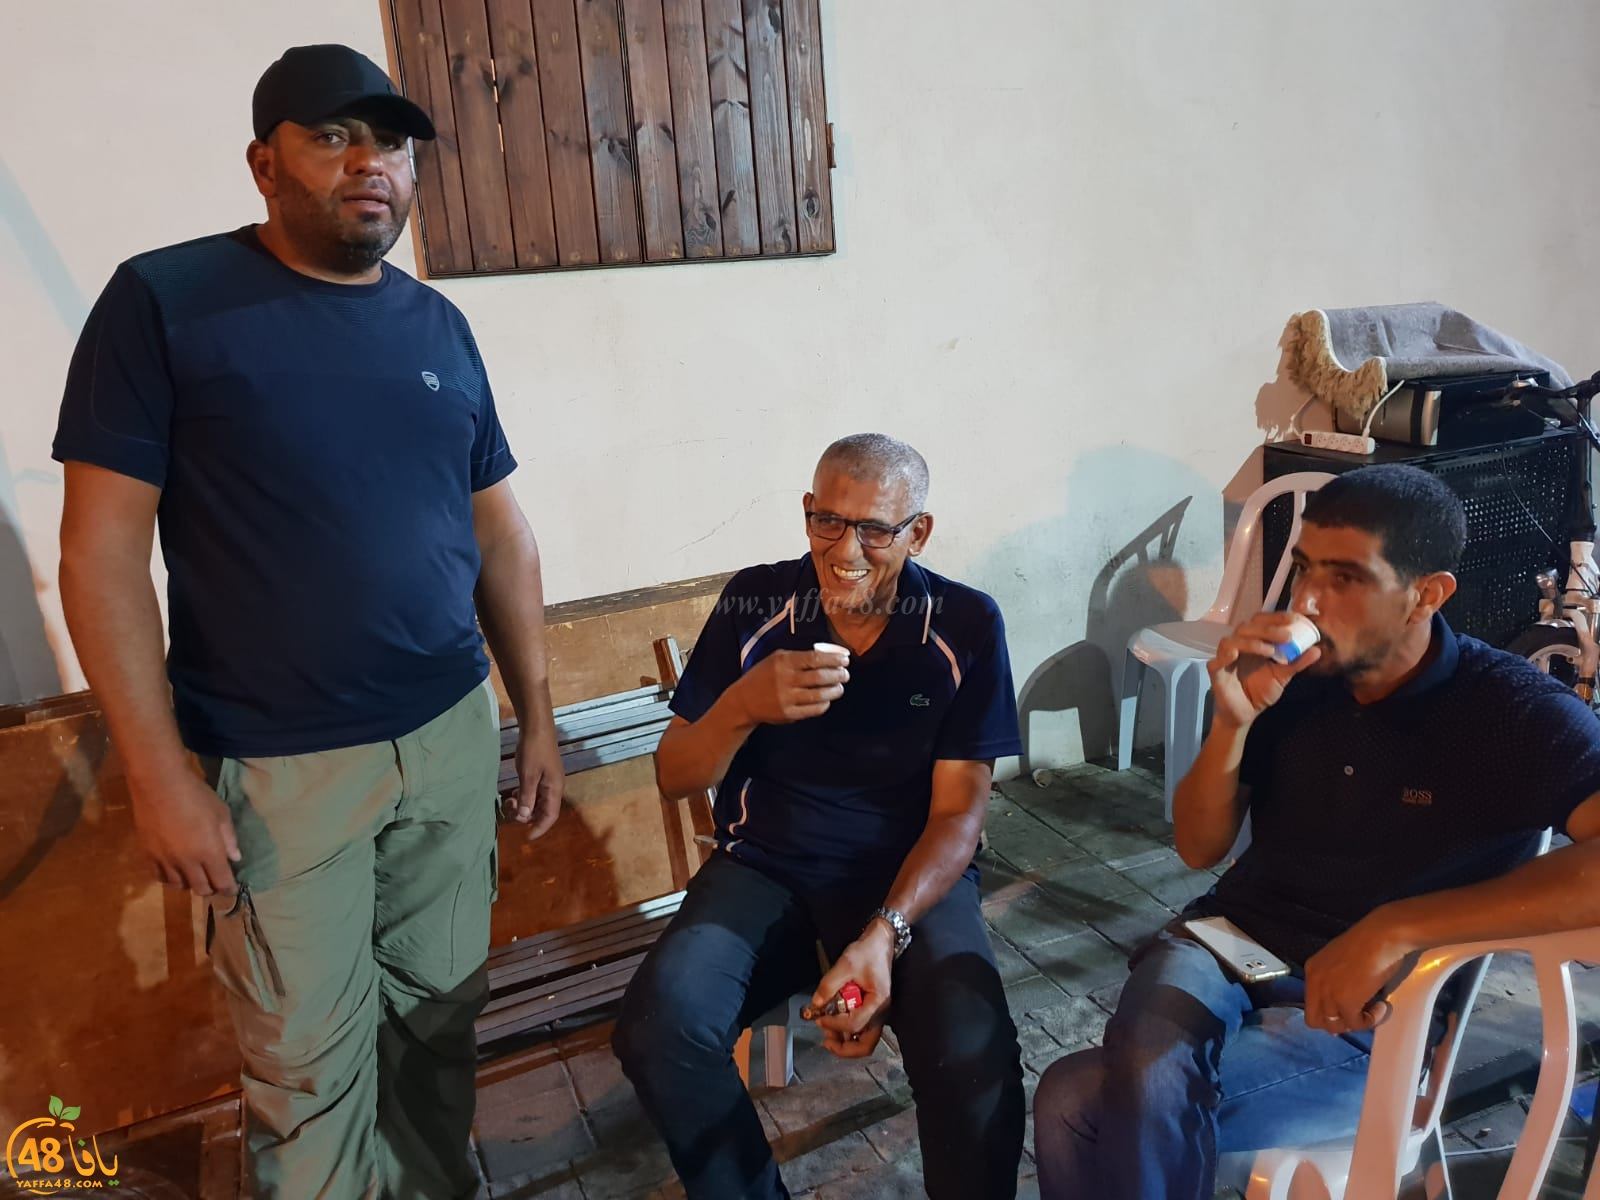 بالصور: وفود تُقدّم واجب العزاء لعائلة شقرة بمدينة يافا